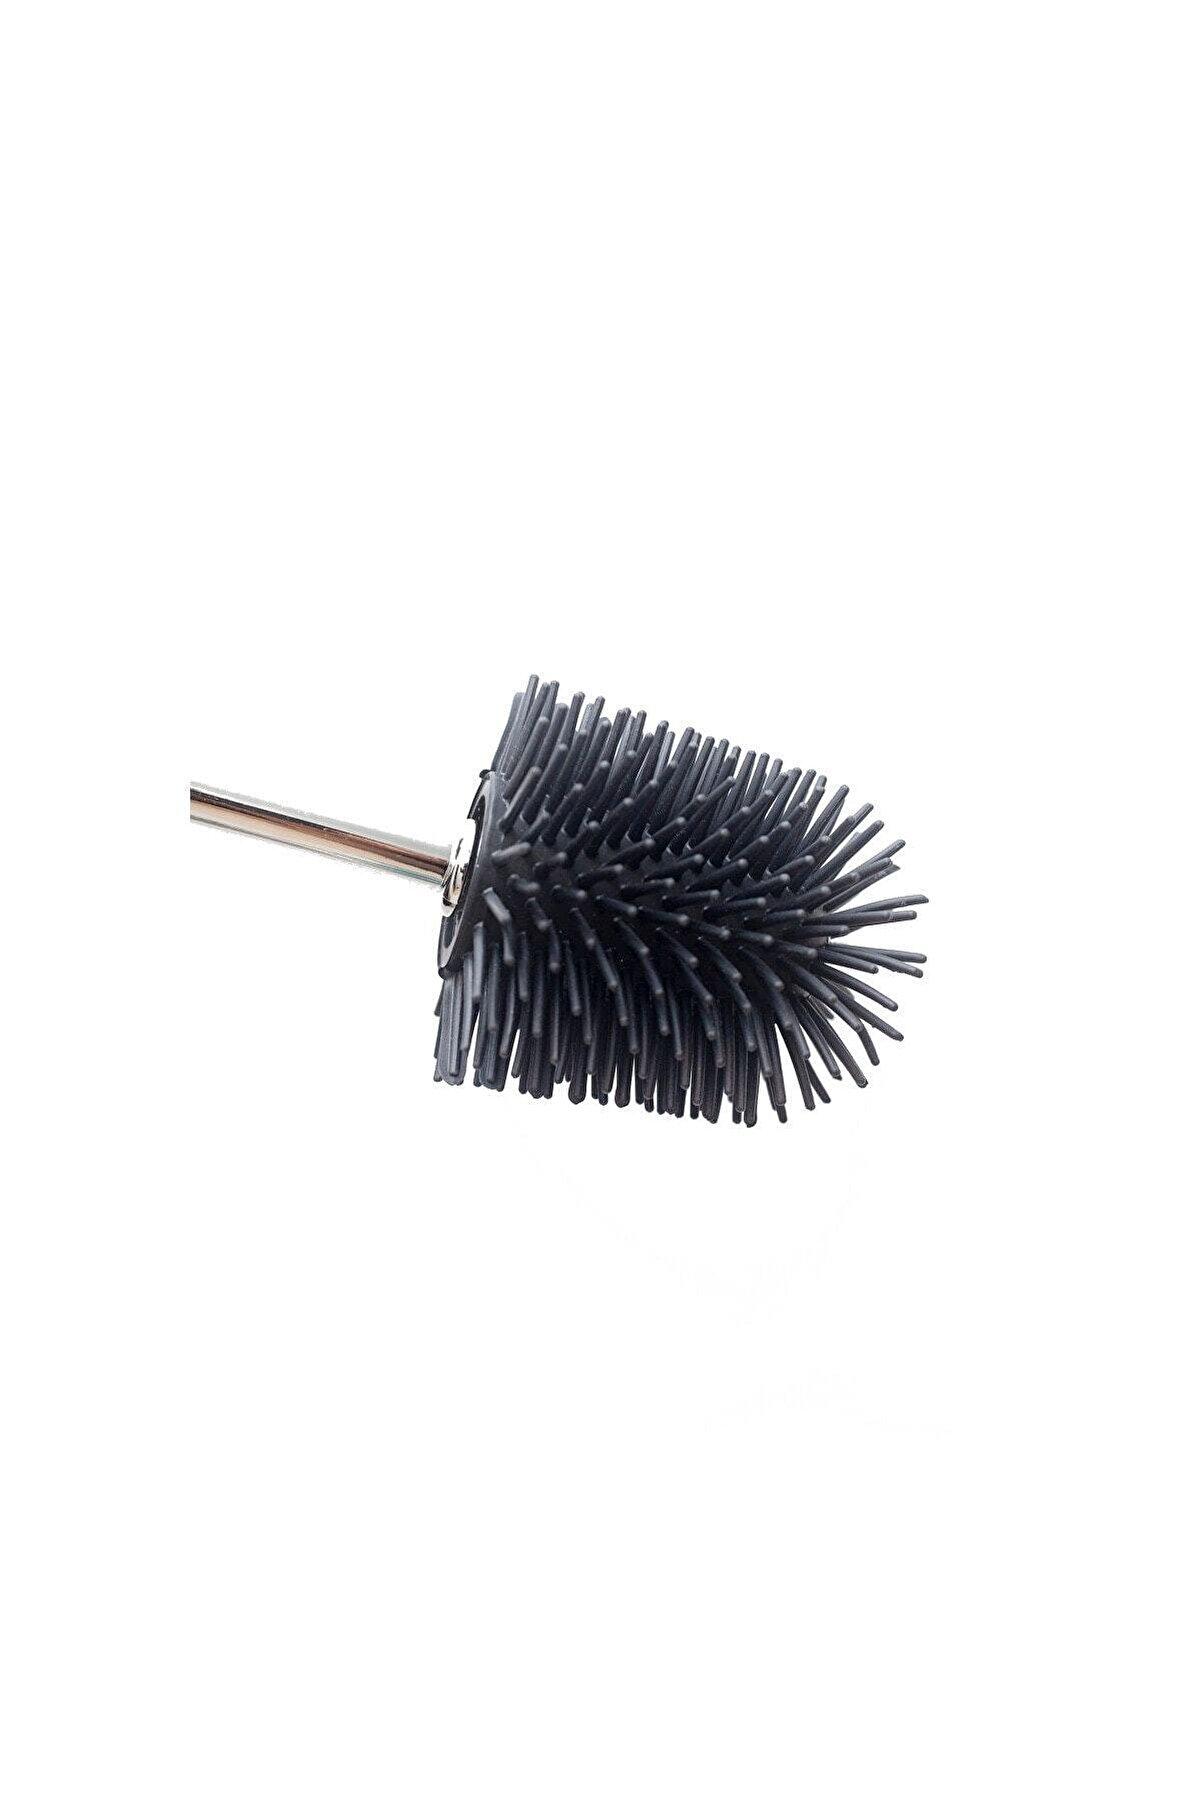 Prima Nova 85 Mm Yedek Silikon Wc Fırça - Siyah